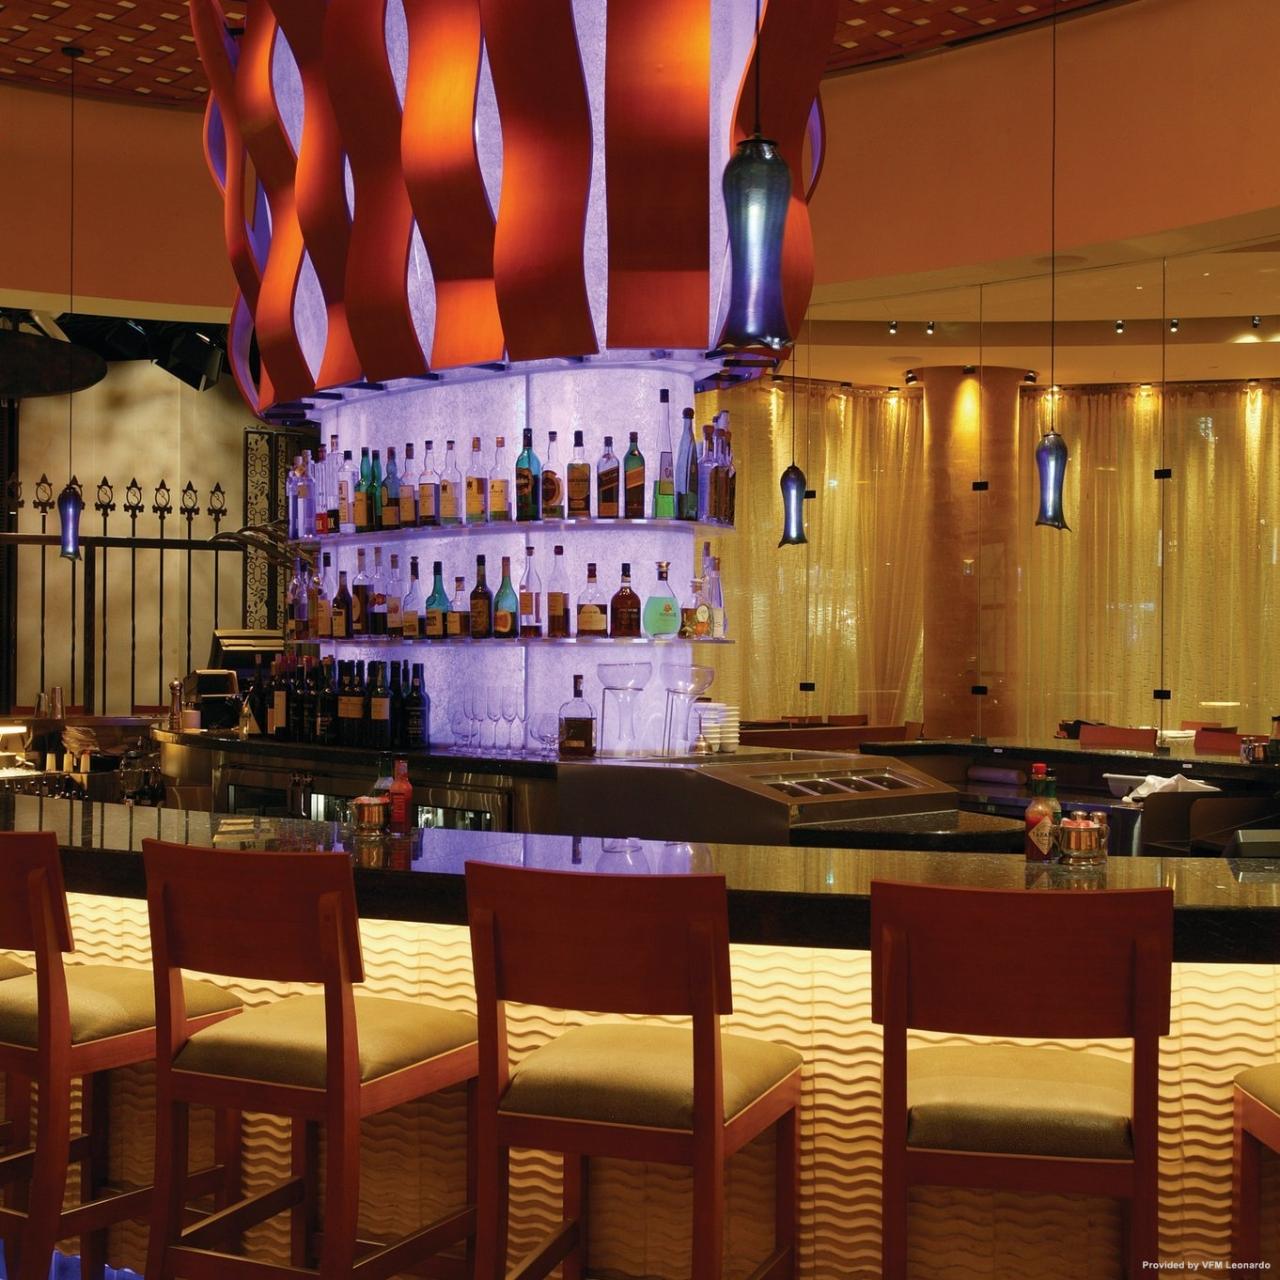 Mgm Grand Hotel And Casino Usa Bei Hrs Mit Gratis Leistungen